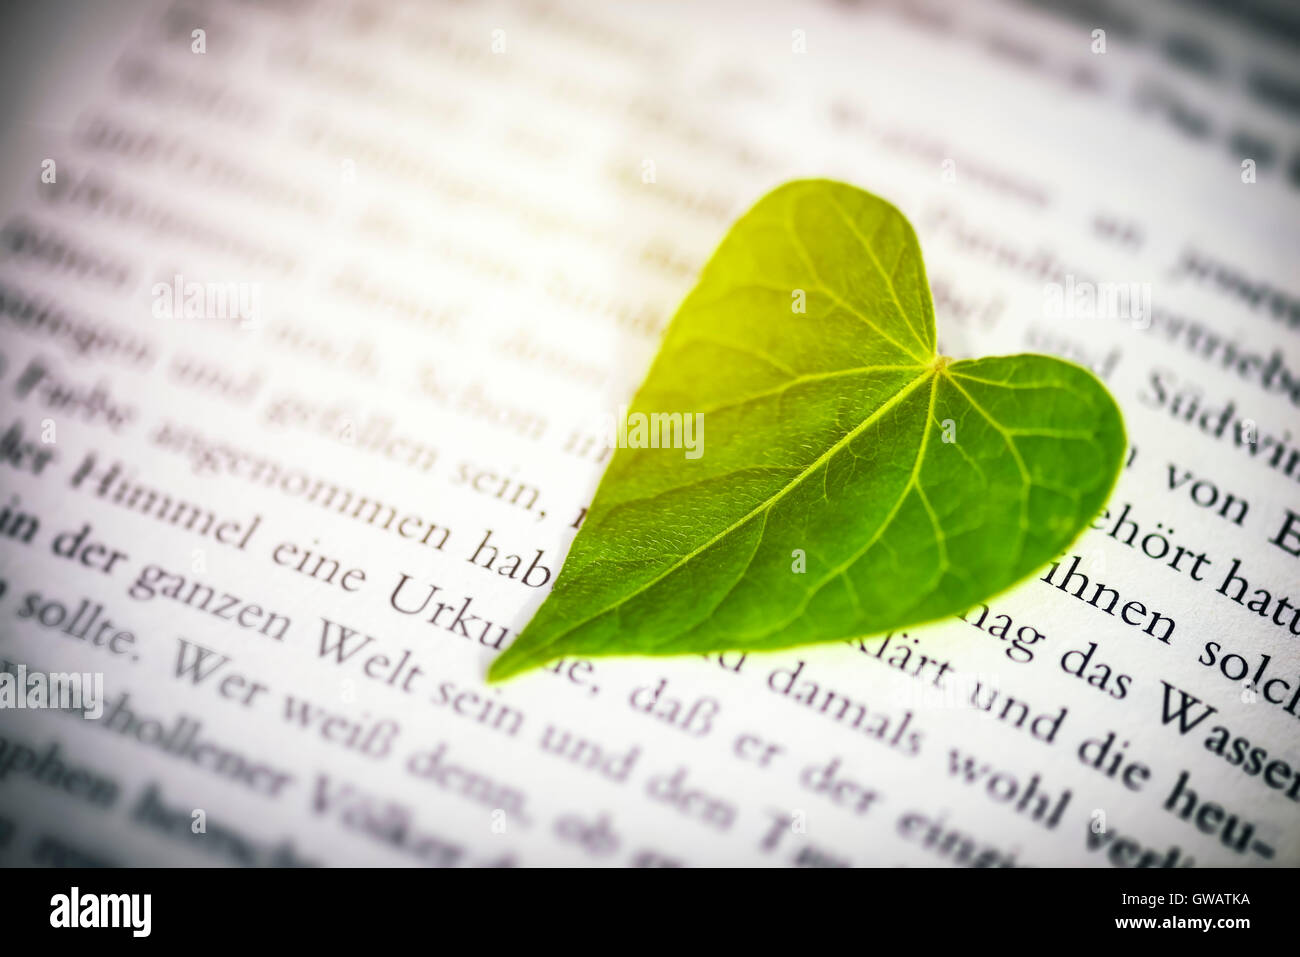 Herzförmiges Blatt auf einer Buchseite, Herzfoermiges Blatt Auf Einer Buchseite Stockbild